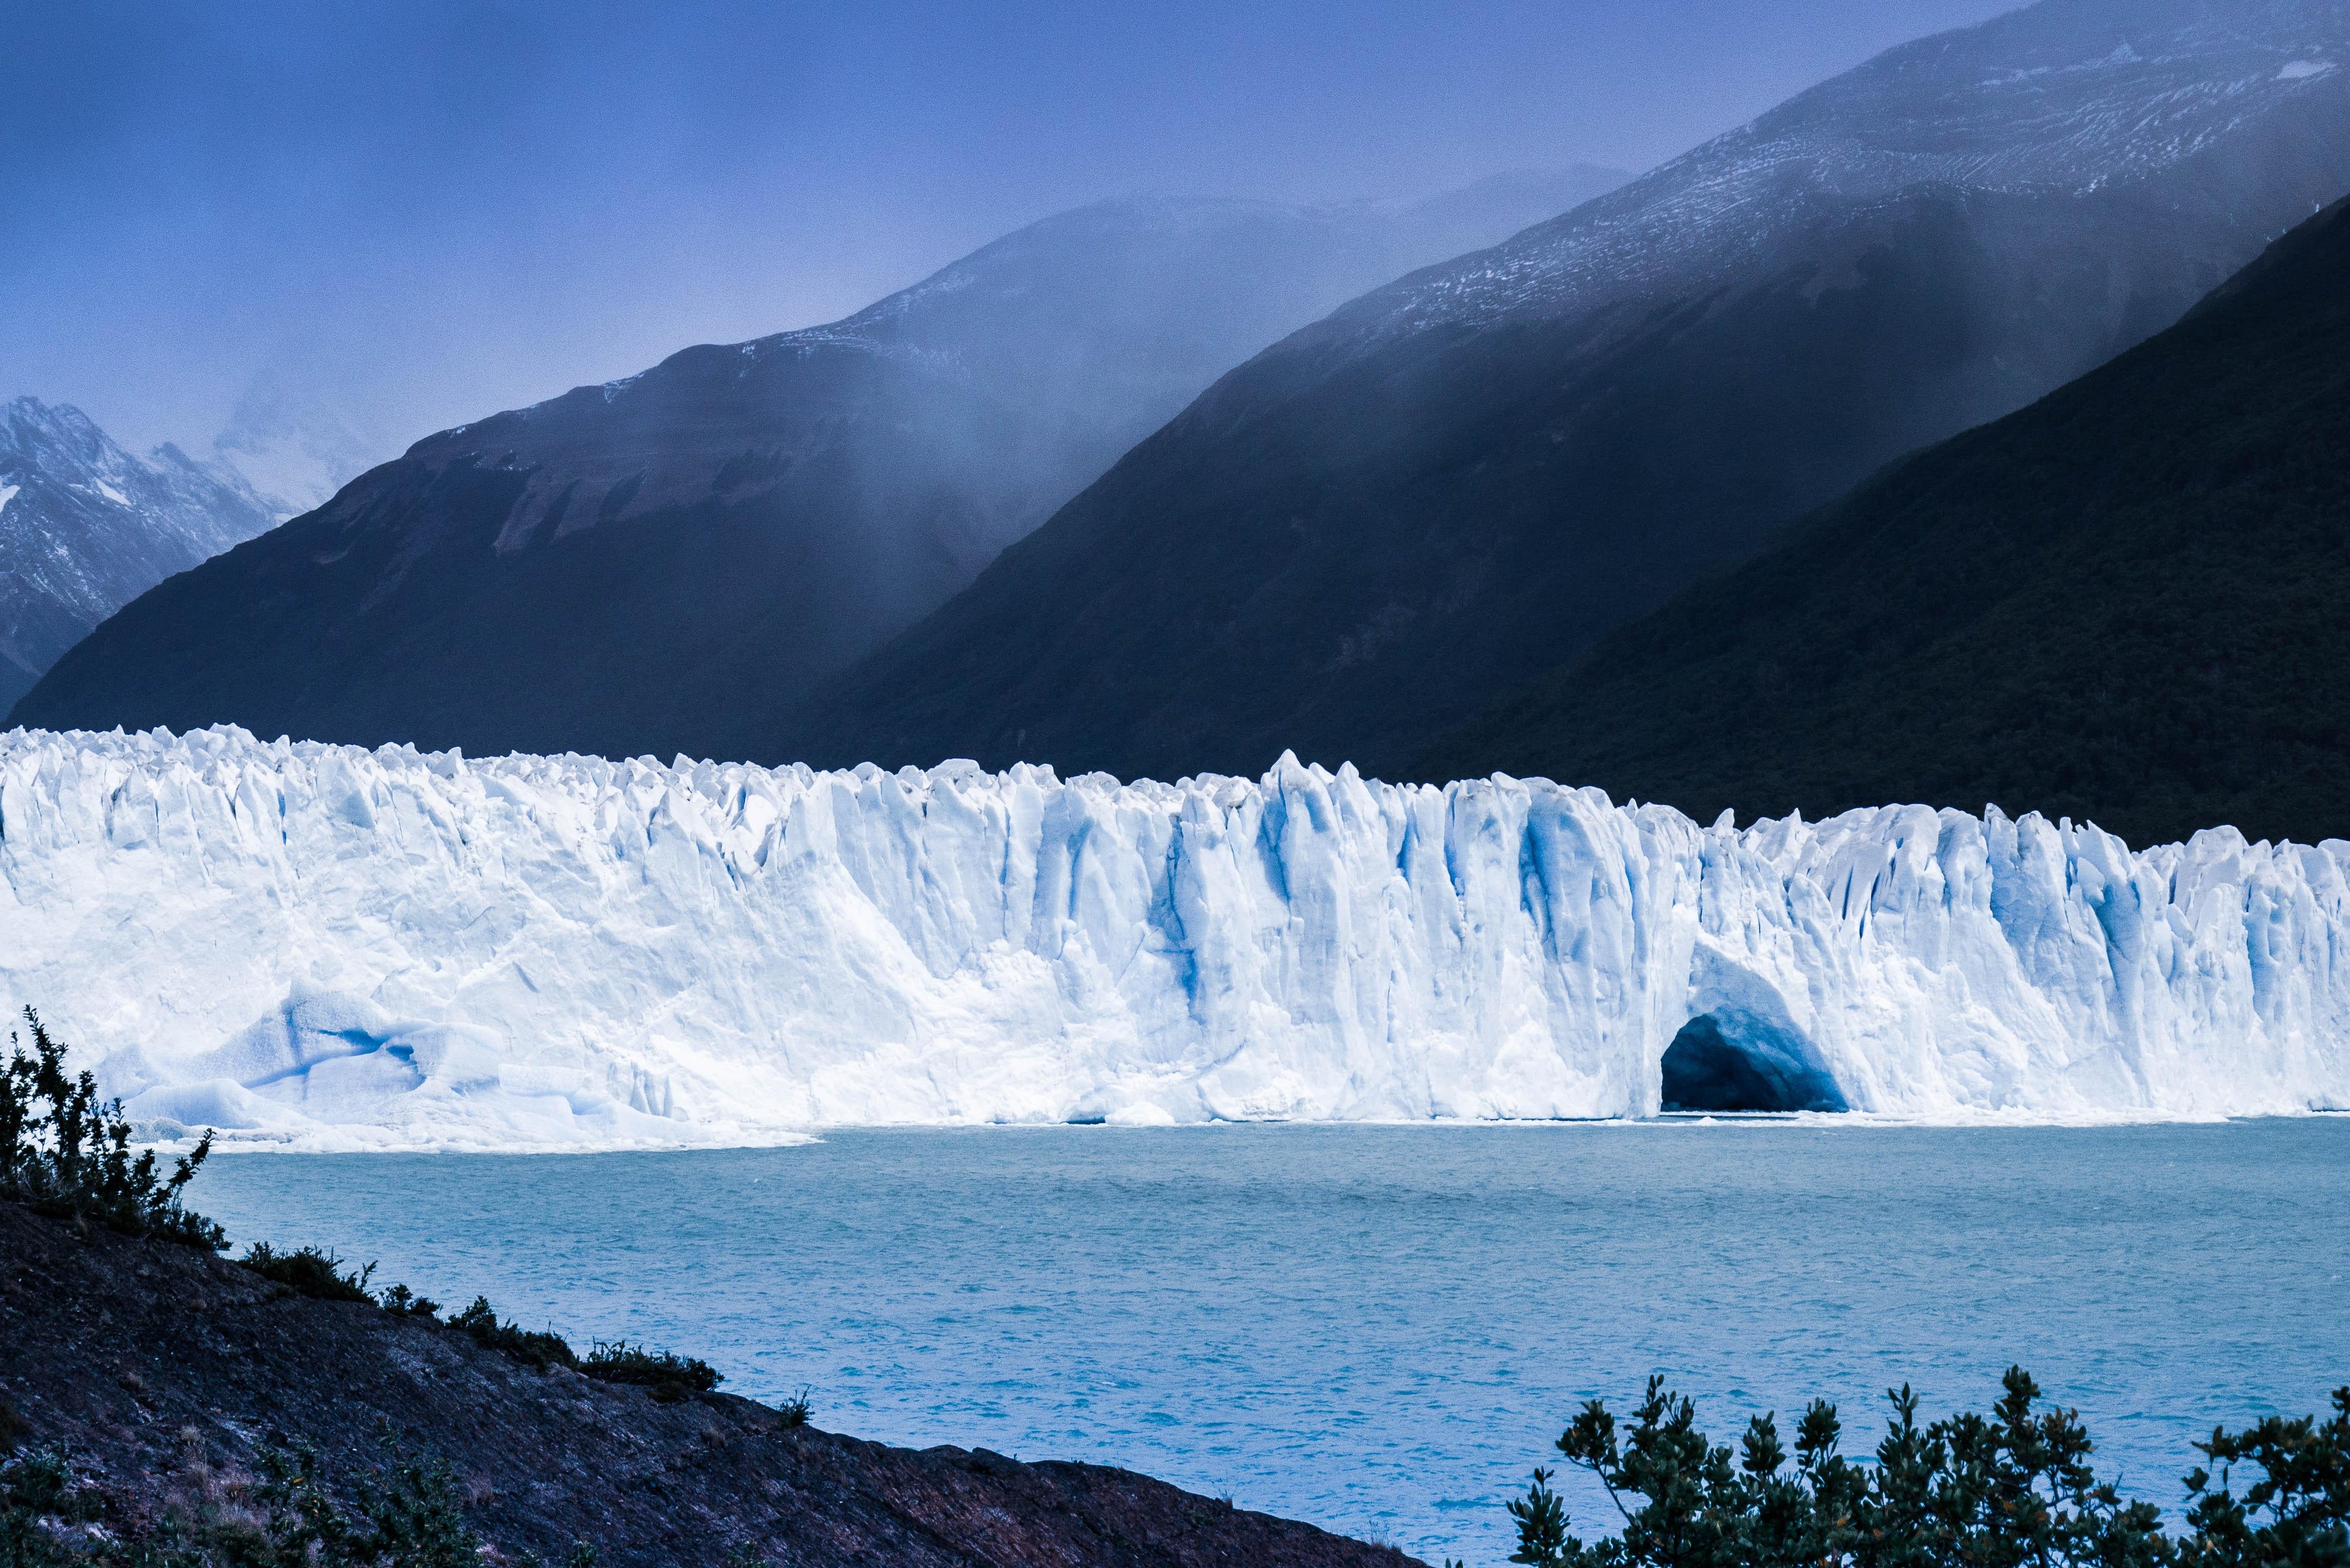 Topenie ľadovcov v Grónsku urýchľujú baktérie v sedimente, naznačuje výskum